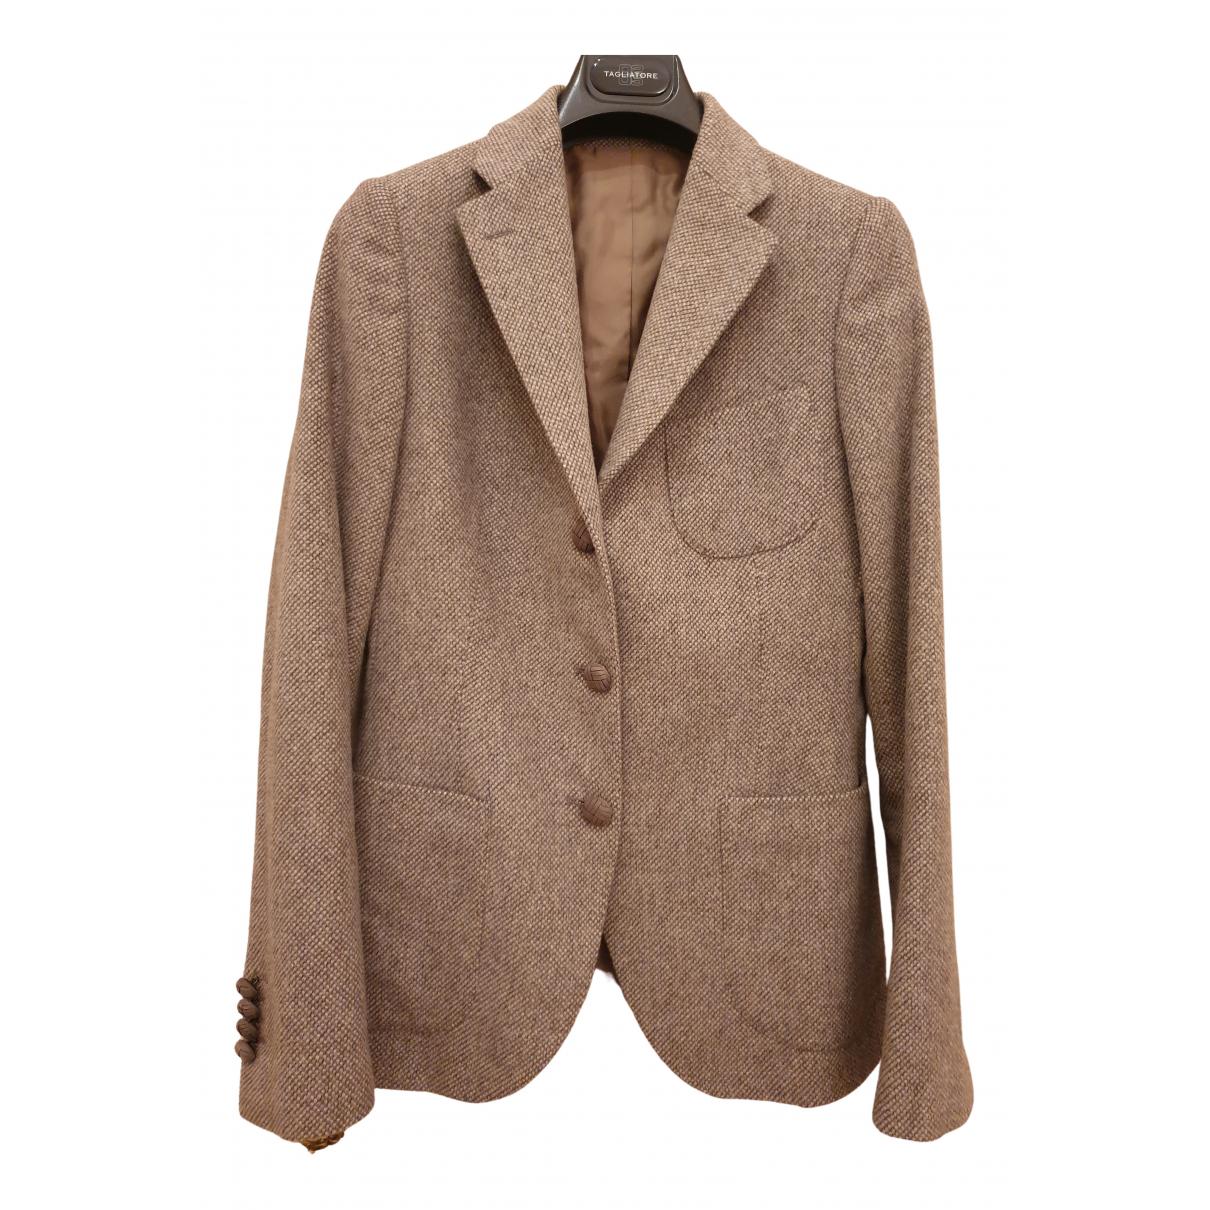 Tagliatore N Beige Wool jacket for Women 44 IT